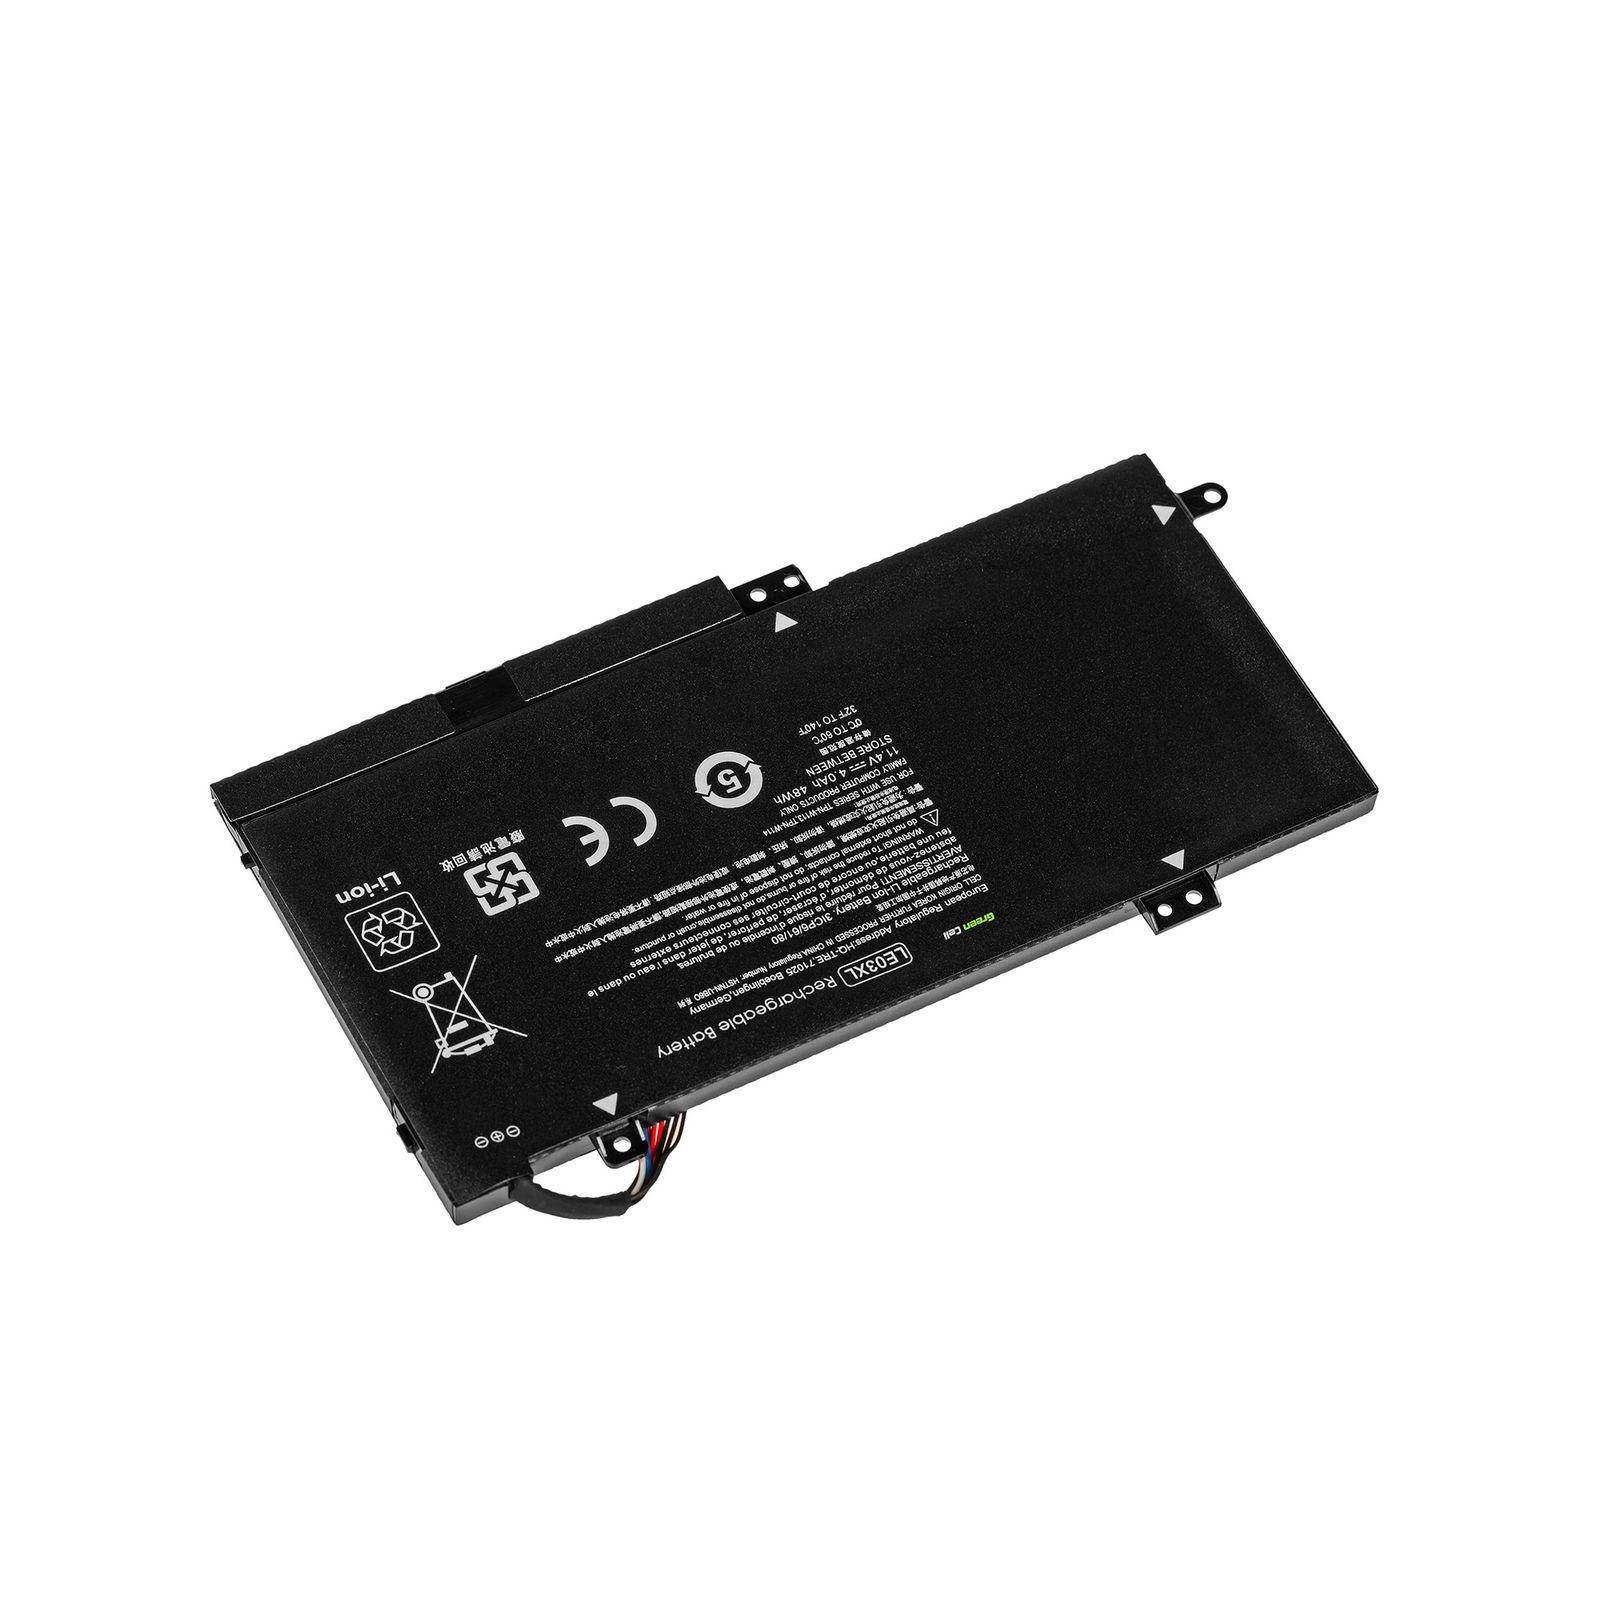 HP ENVY x360 M6-W102Dx M6-W LE03XL 796356-005 A12 kompatybilny bateria